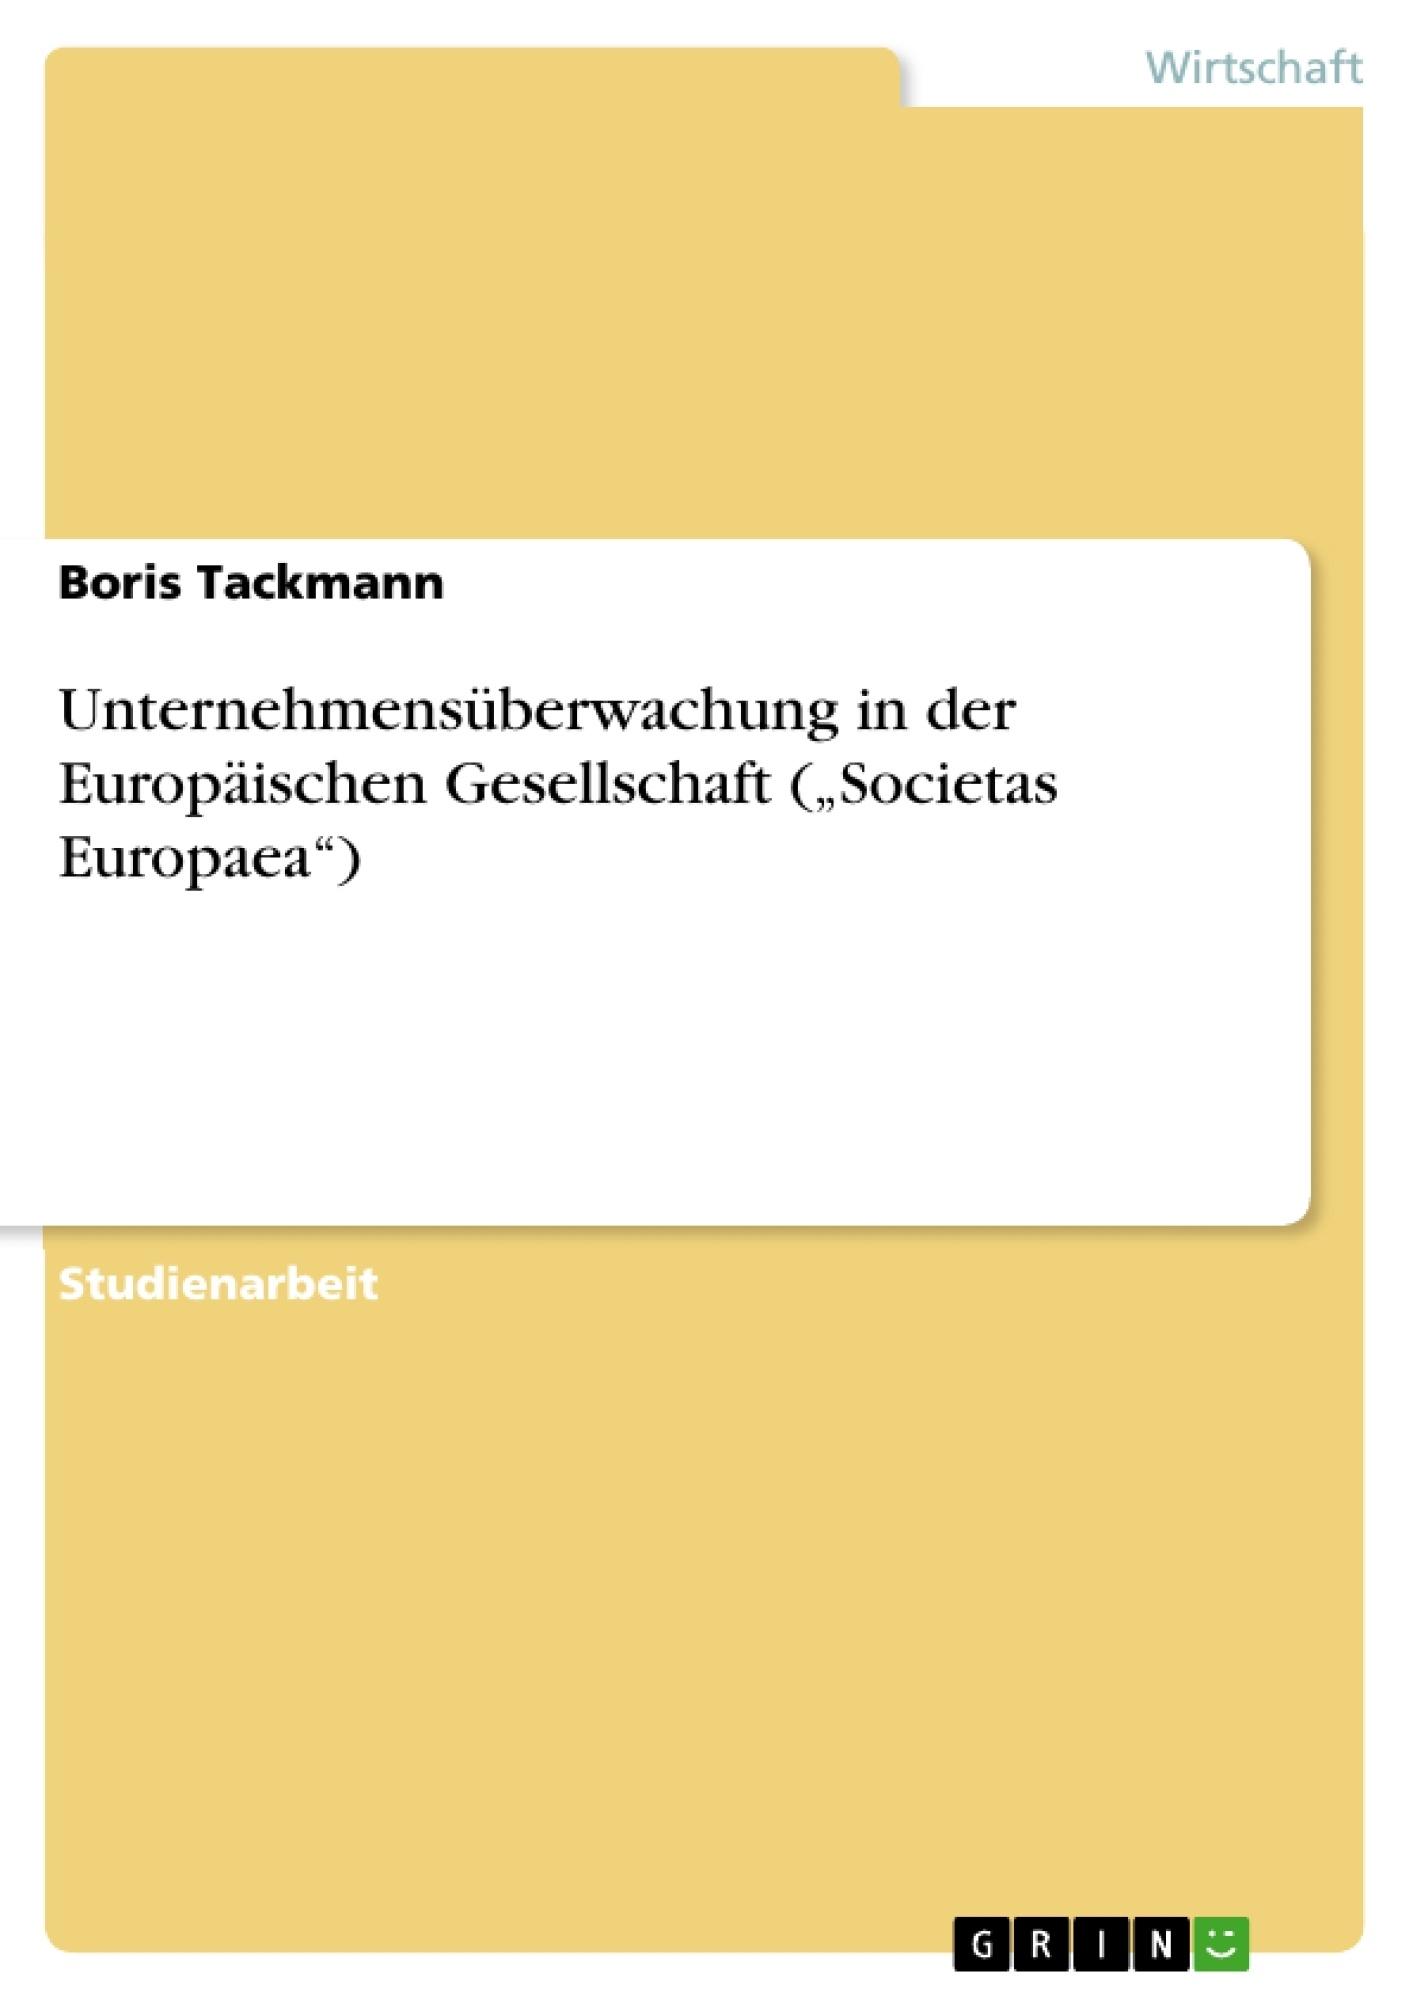 """Titel: Unternehmensüberwachung in der Europäischen  Gesellschaft (""""Societas Europaea"""")"""